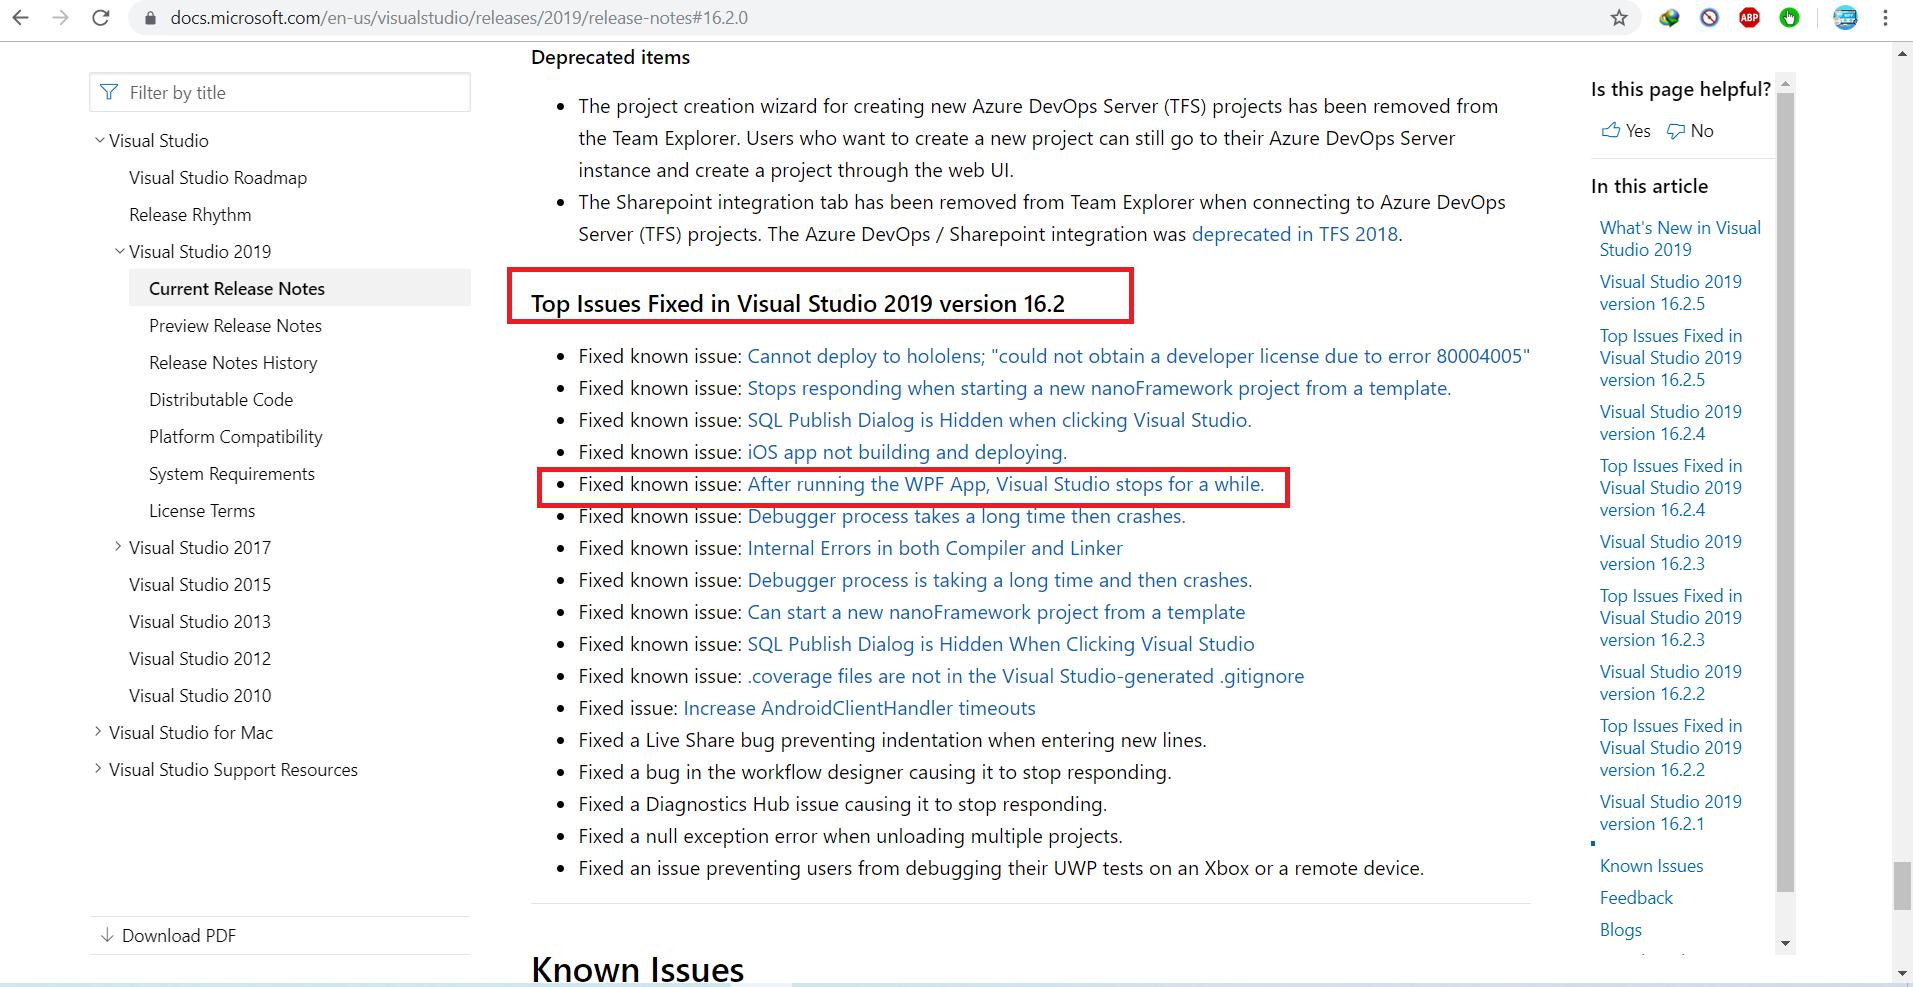 اعلام باگ گزارش شده در سایت ویژوال استودیو به عنوان یکی از مهم ترین باگ های فیکس شده